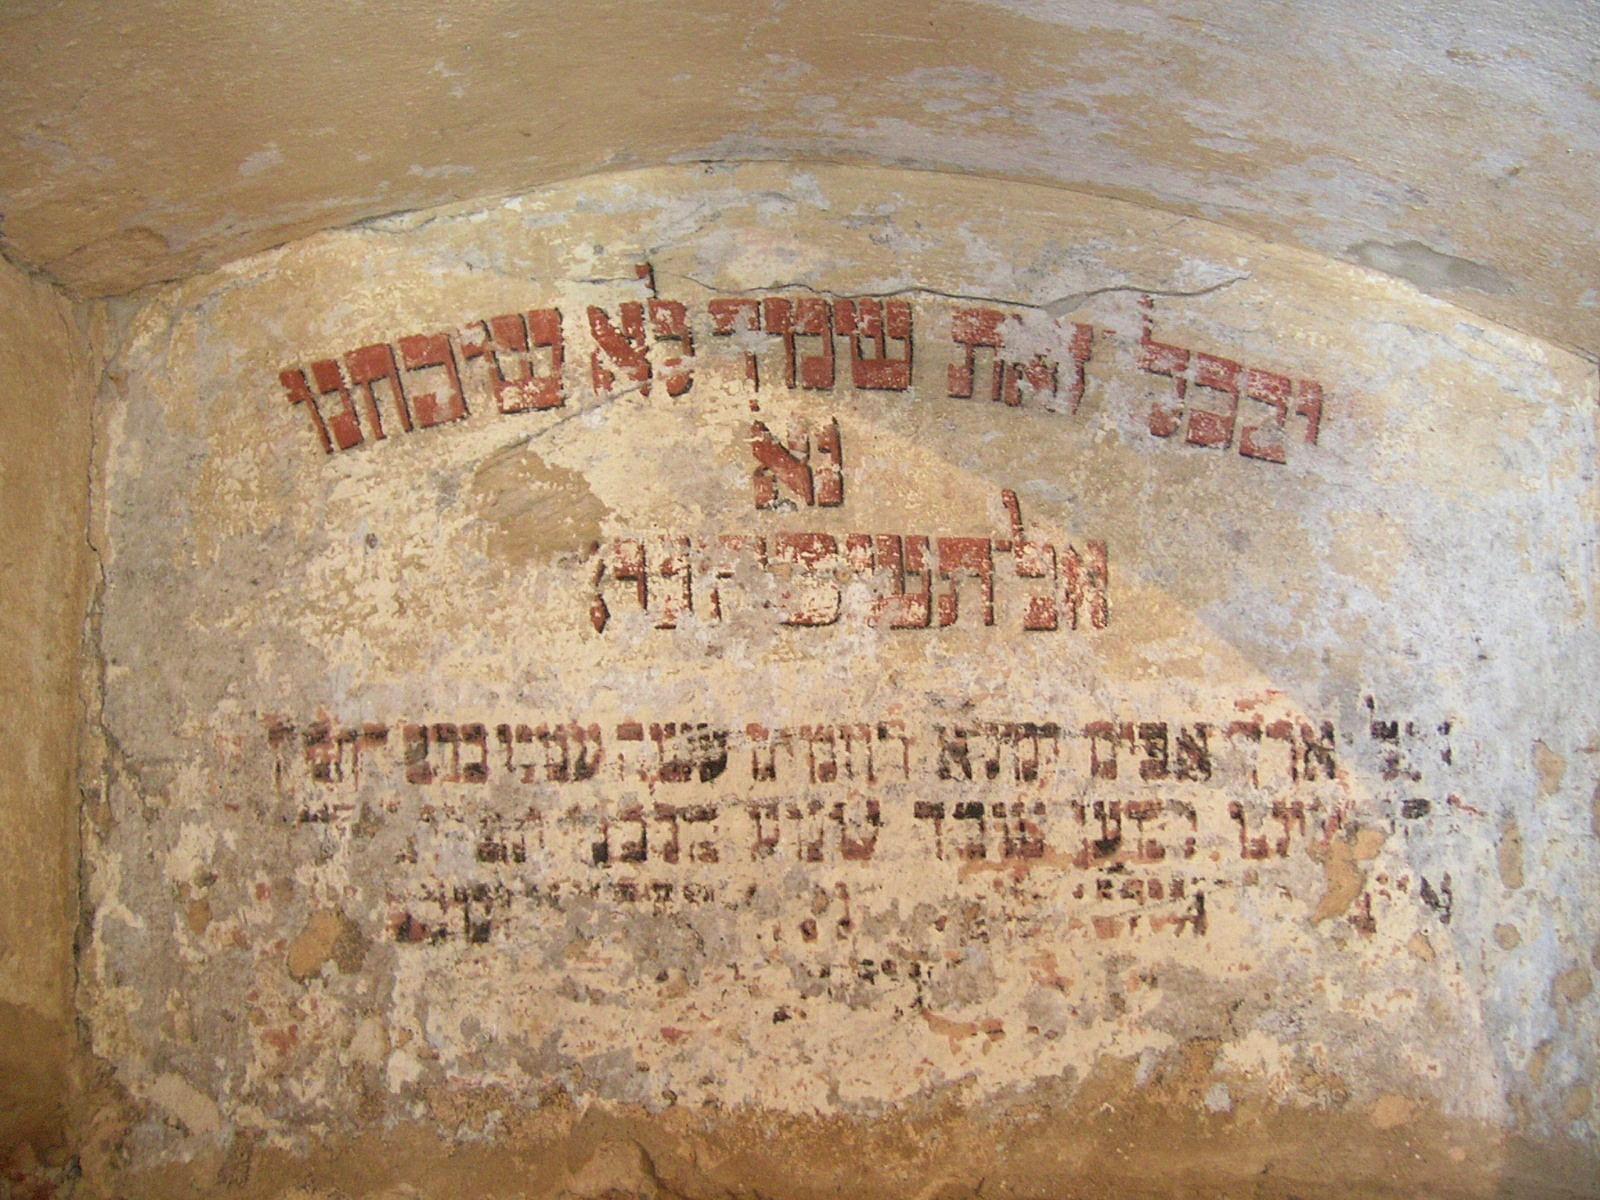 Wall Inscription, Hidden Synagogue, Terezin